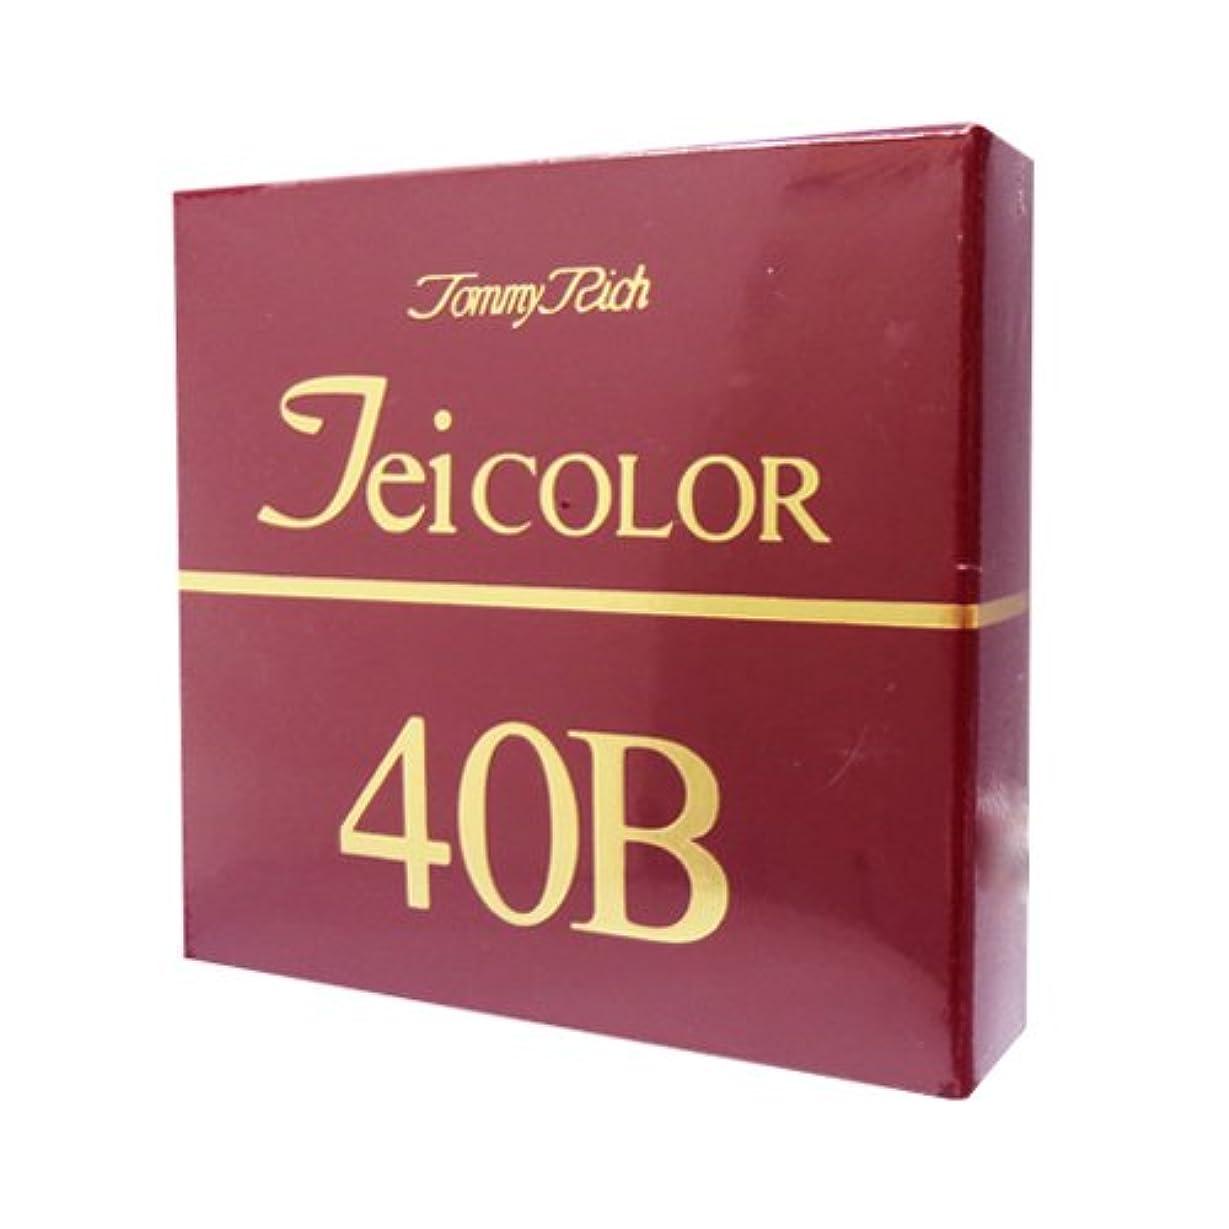 パターン増強するハミングバードトミーリッチ TEIカラー 40B(色白肌用)